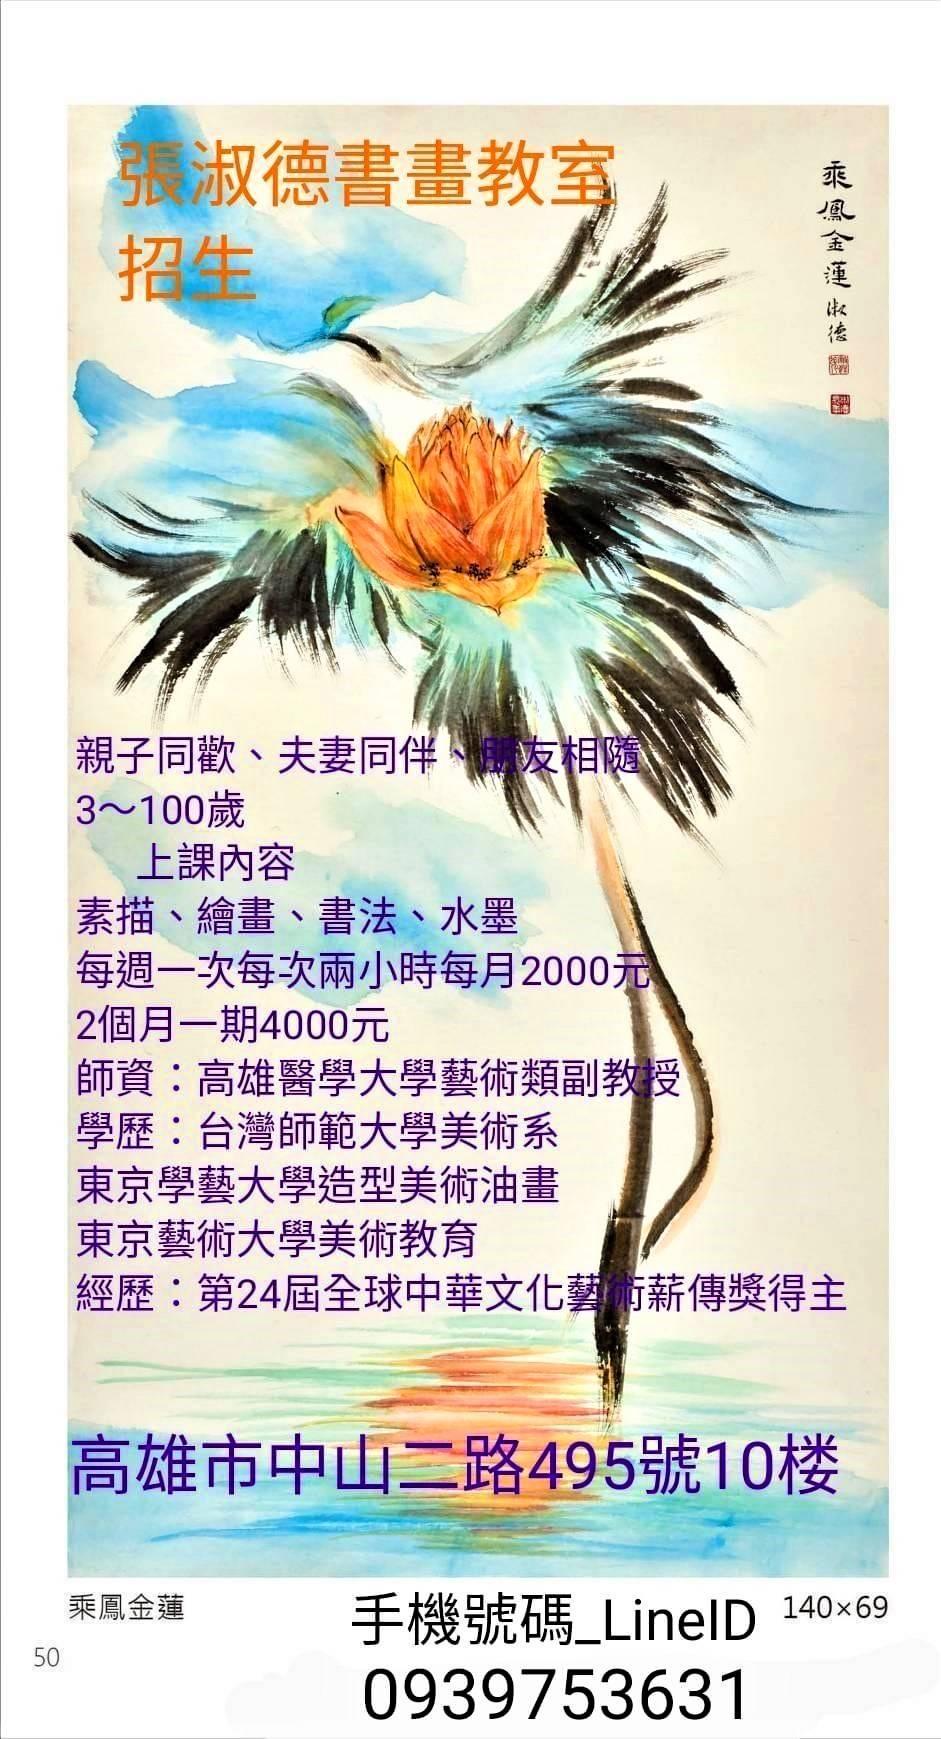 第24屆全球中華文化藝術薪傳獎畫藝獎得主張淑德 教授傳授膠彩畫技法 /國際創業報施信宏報導